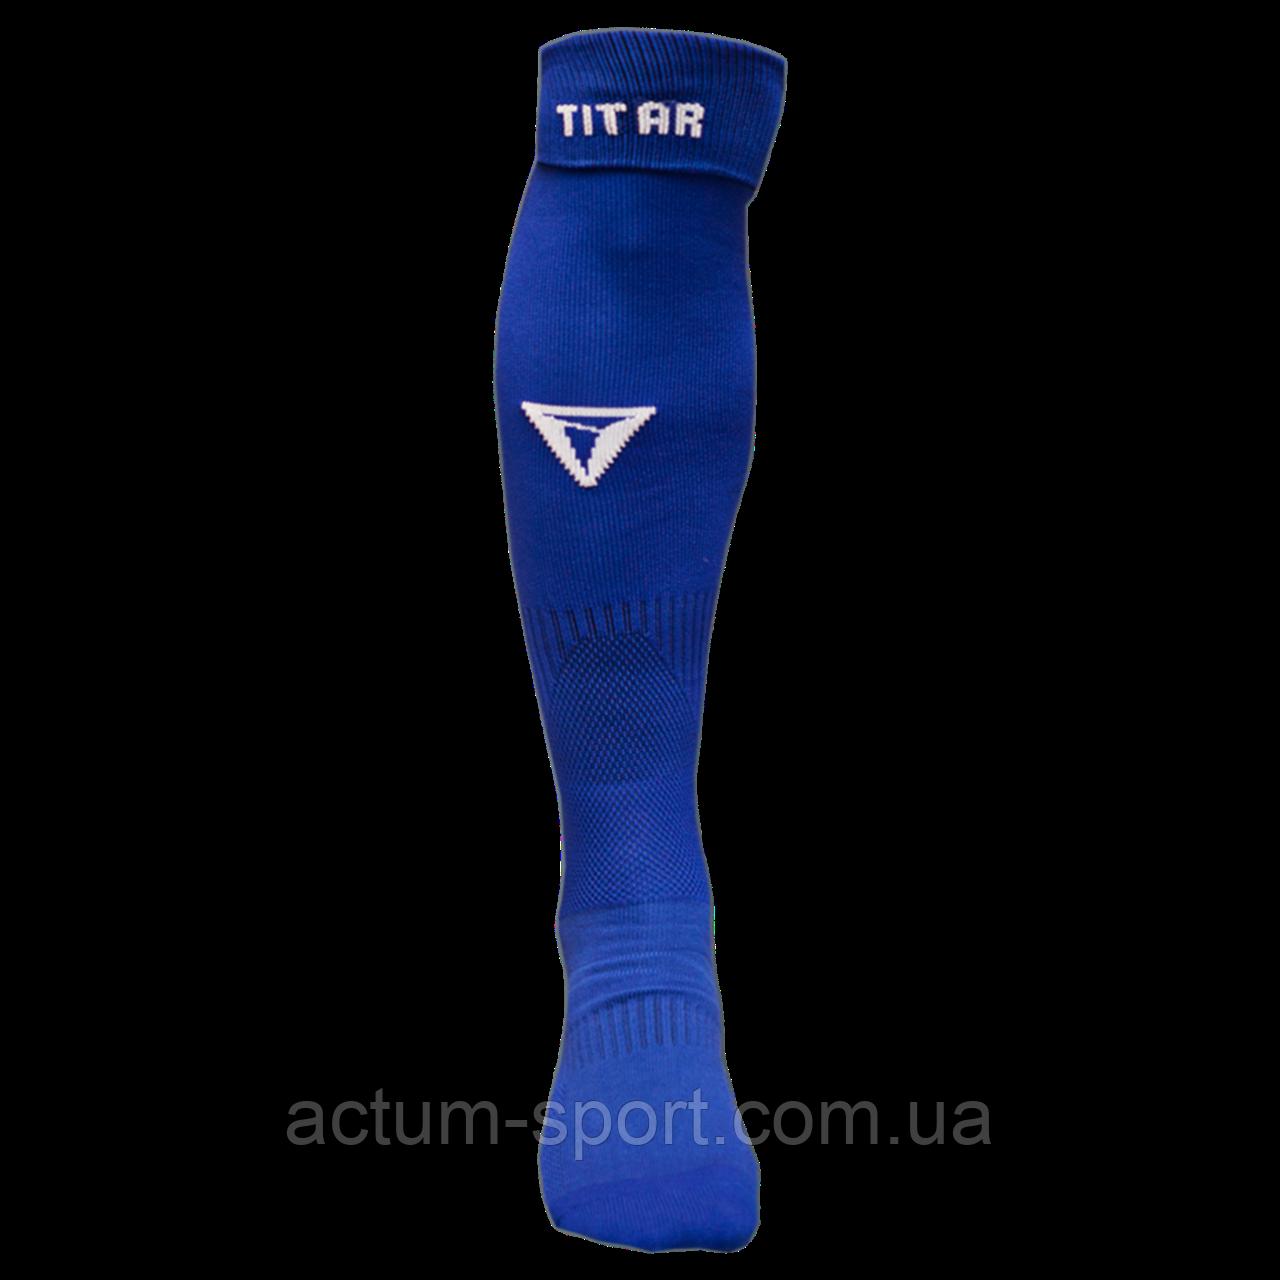 Гетры футбольные Titar синие